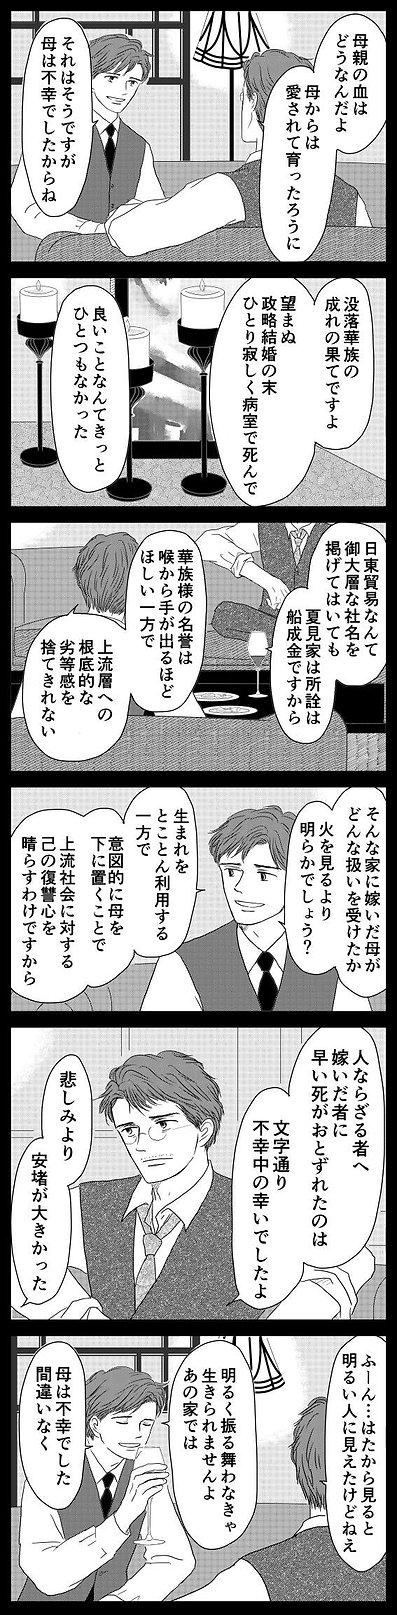 洋輔さん23.jpg